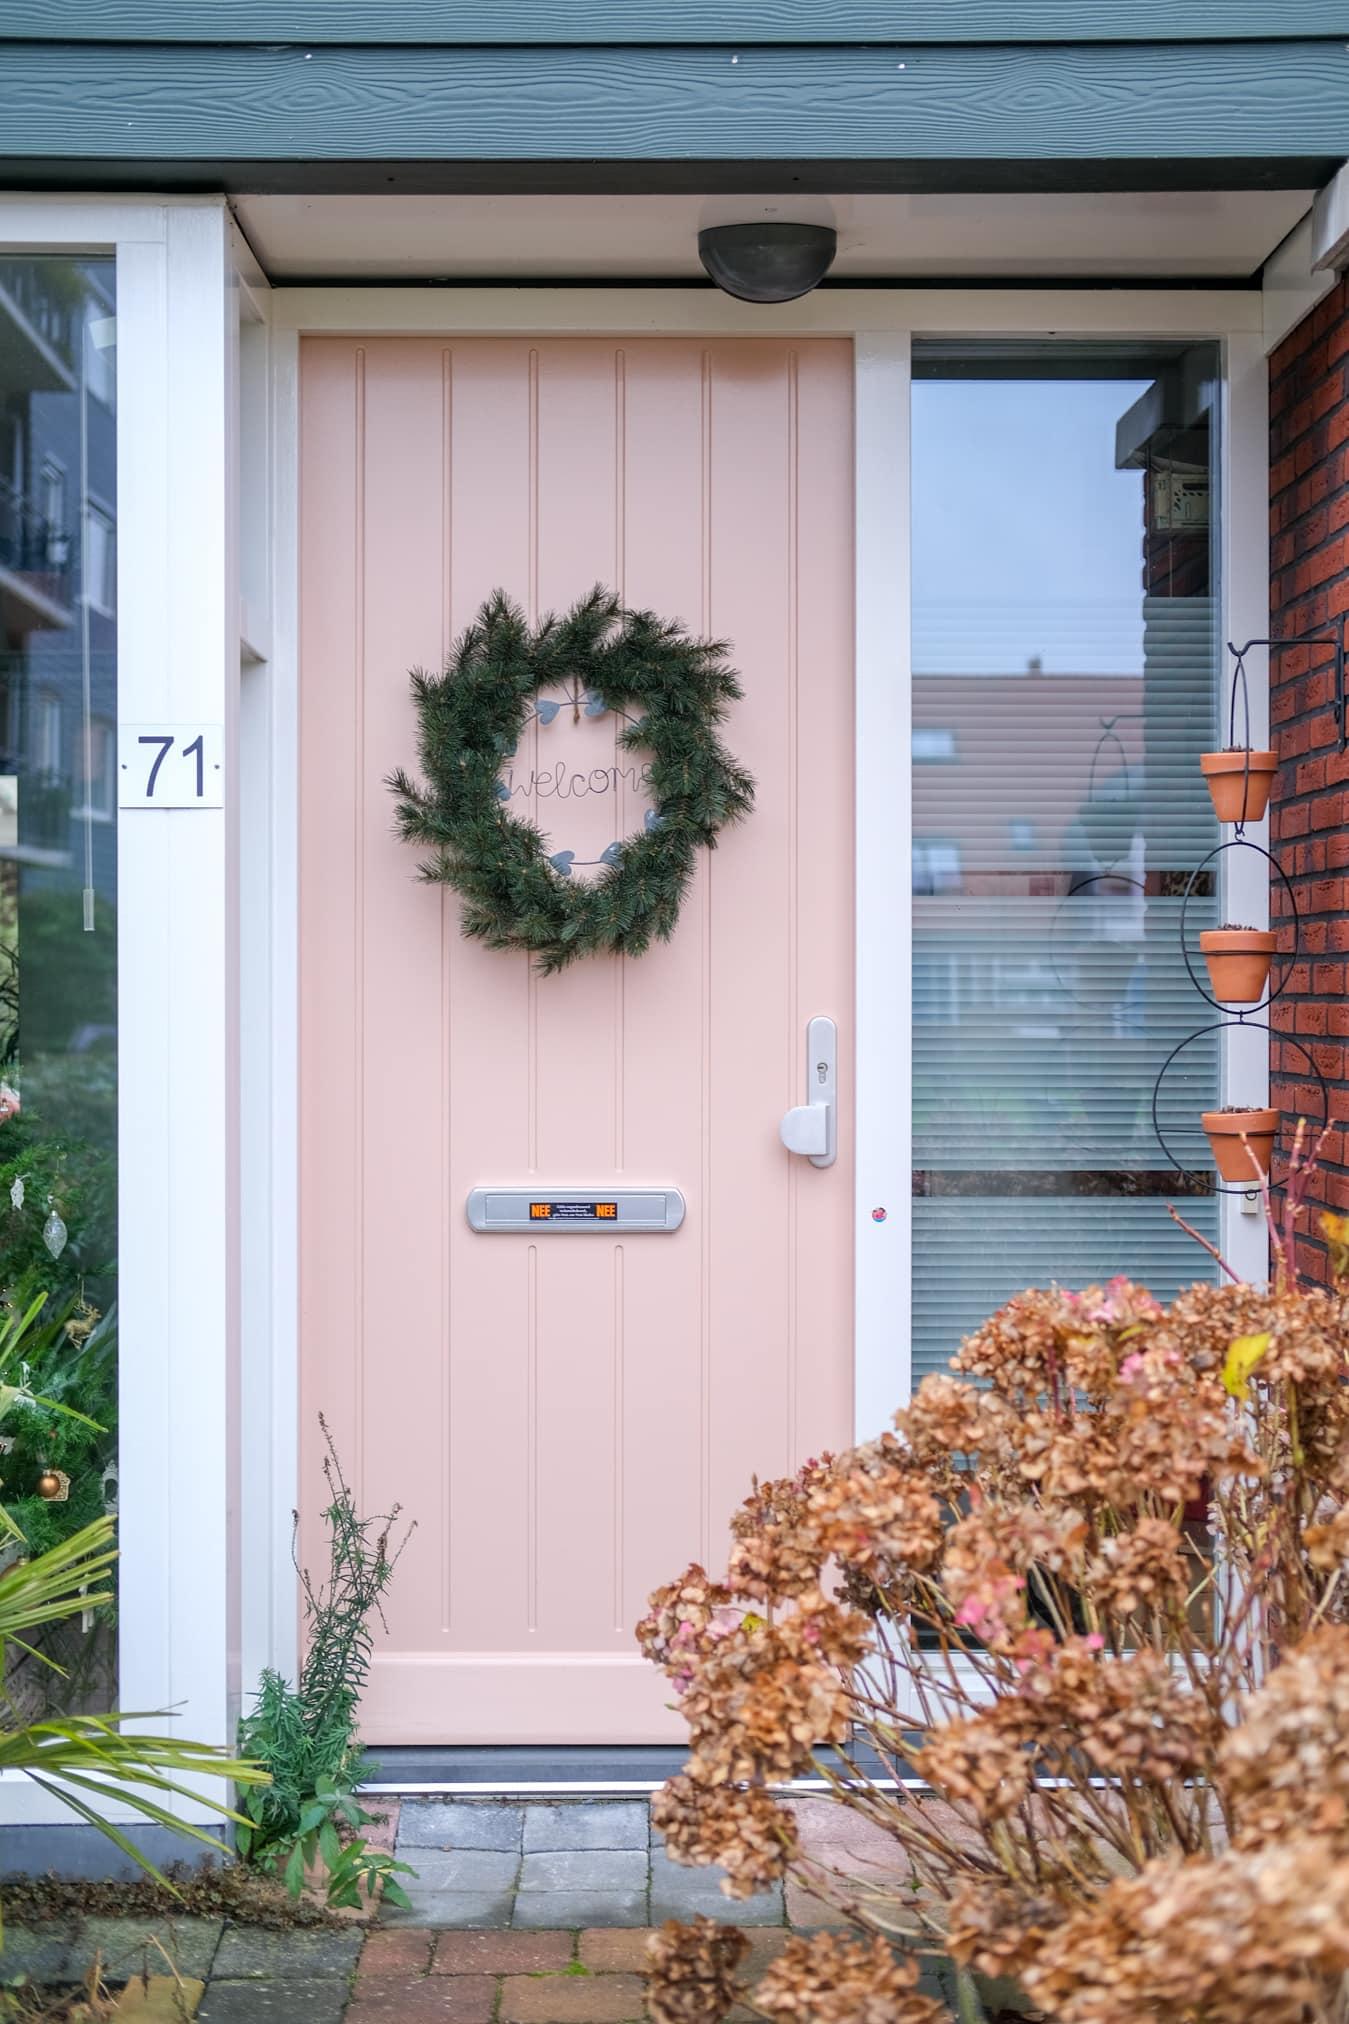 kerstkrans aan de deur